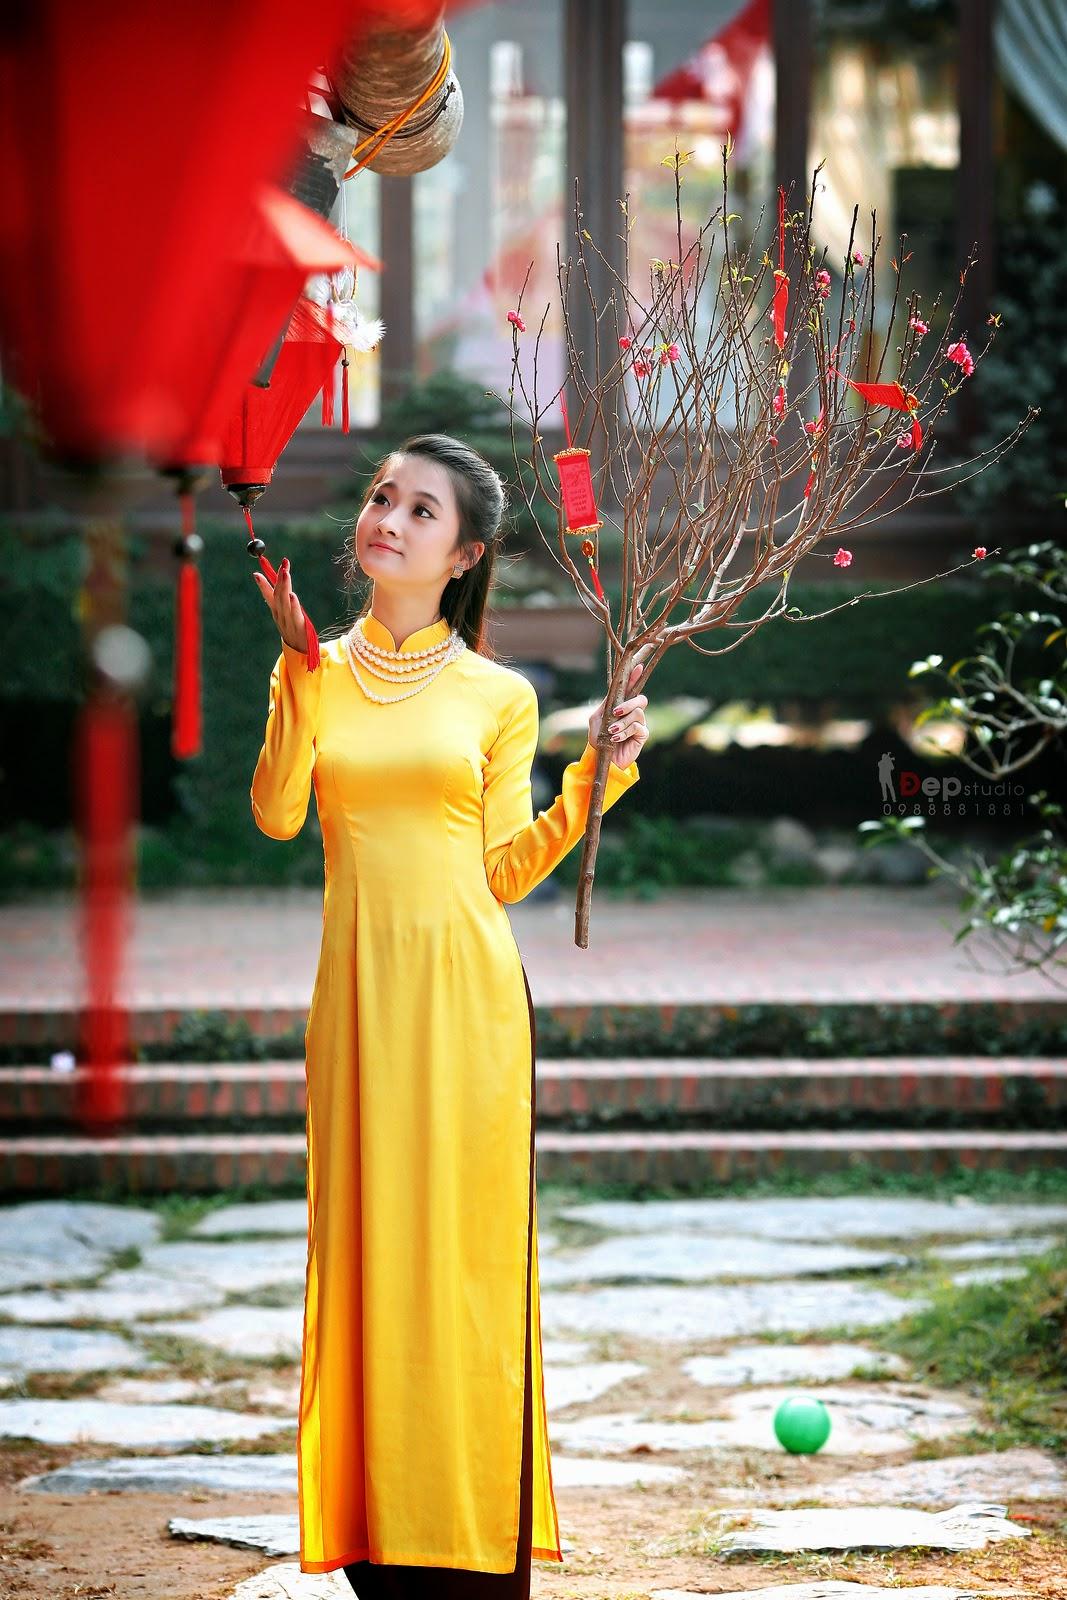 Ảnh đẹp girl xinh Áo dài truyền thống Việt Nam - Ảnh 19